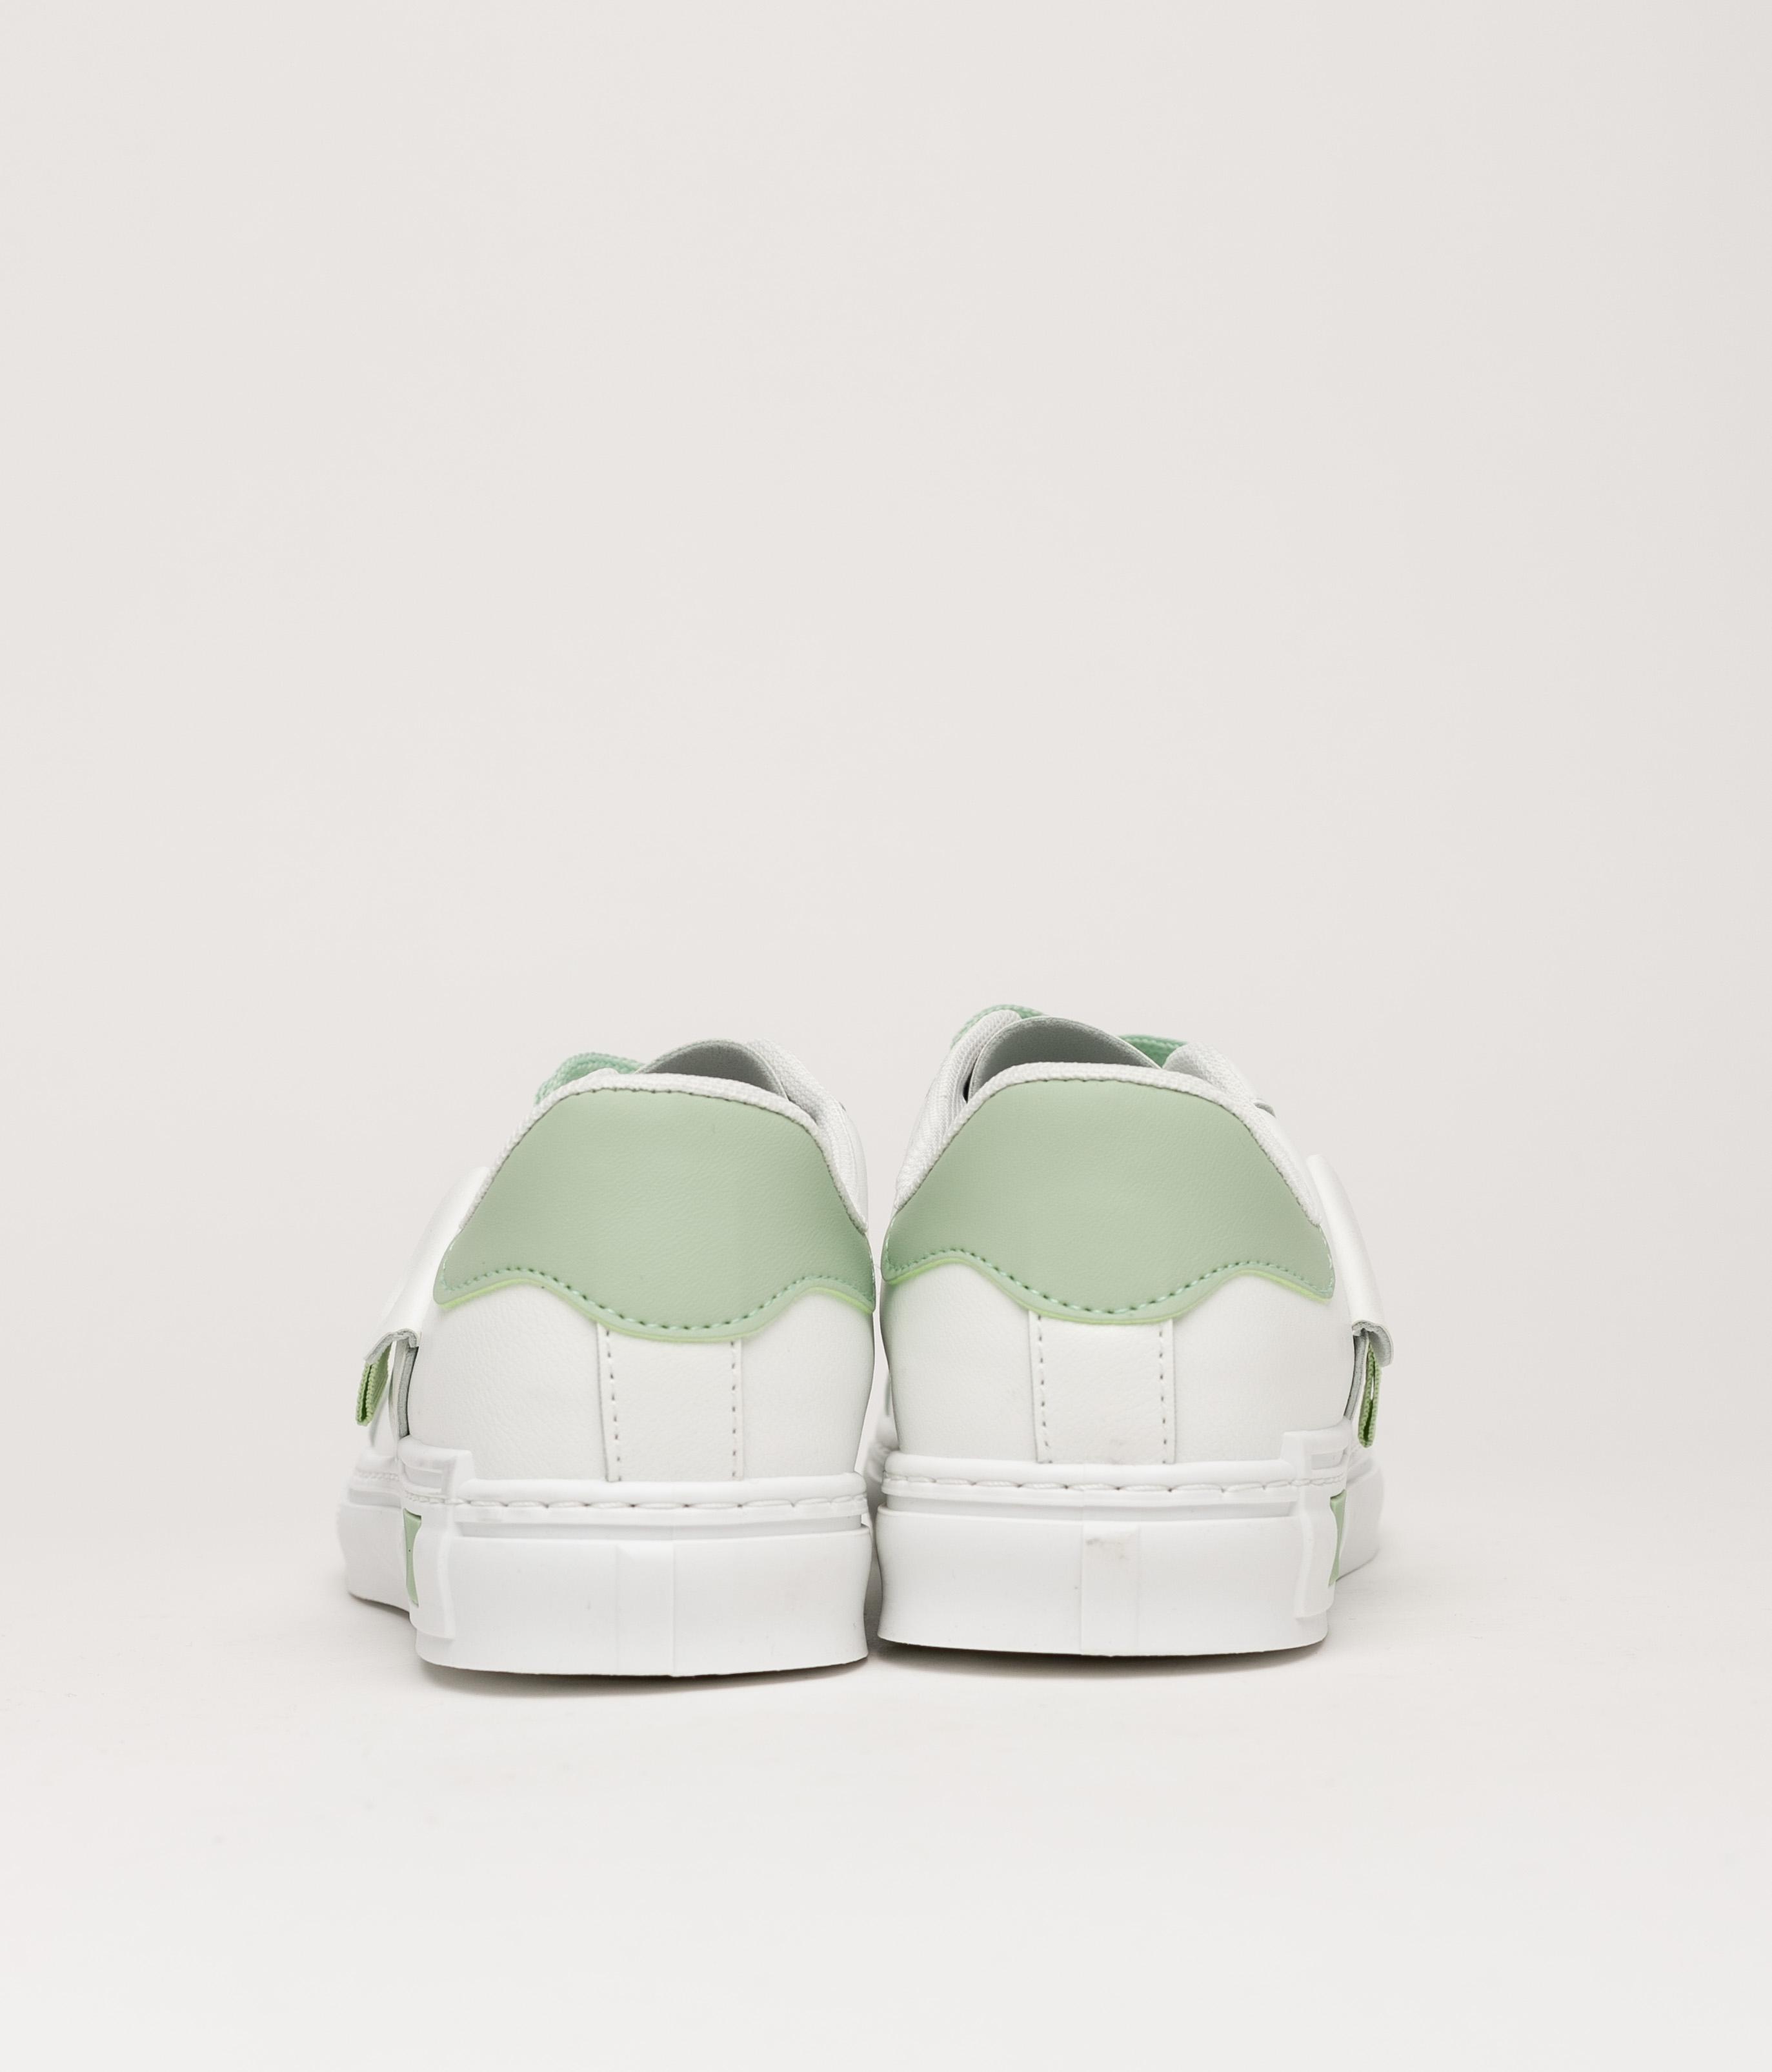 Sneakers Pritel - Green